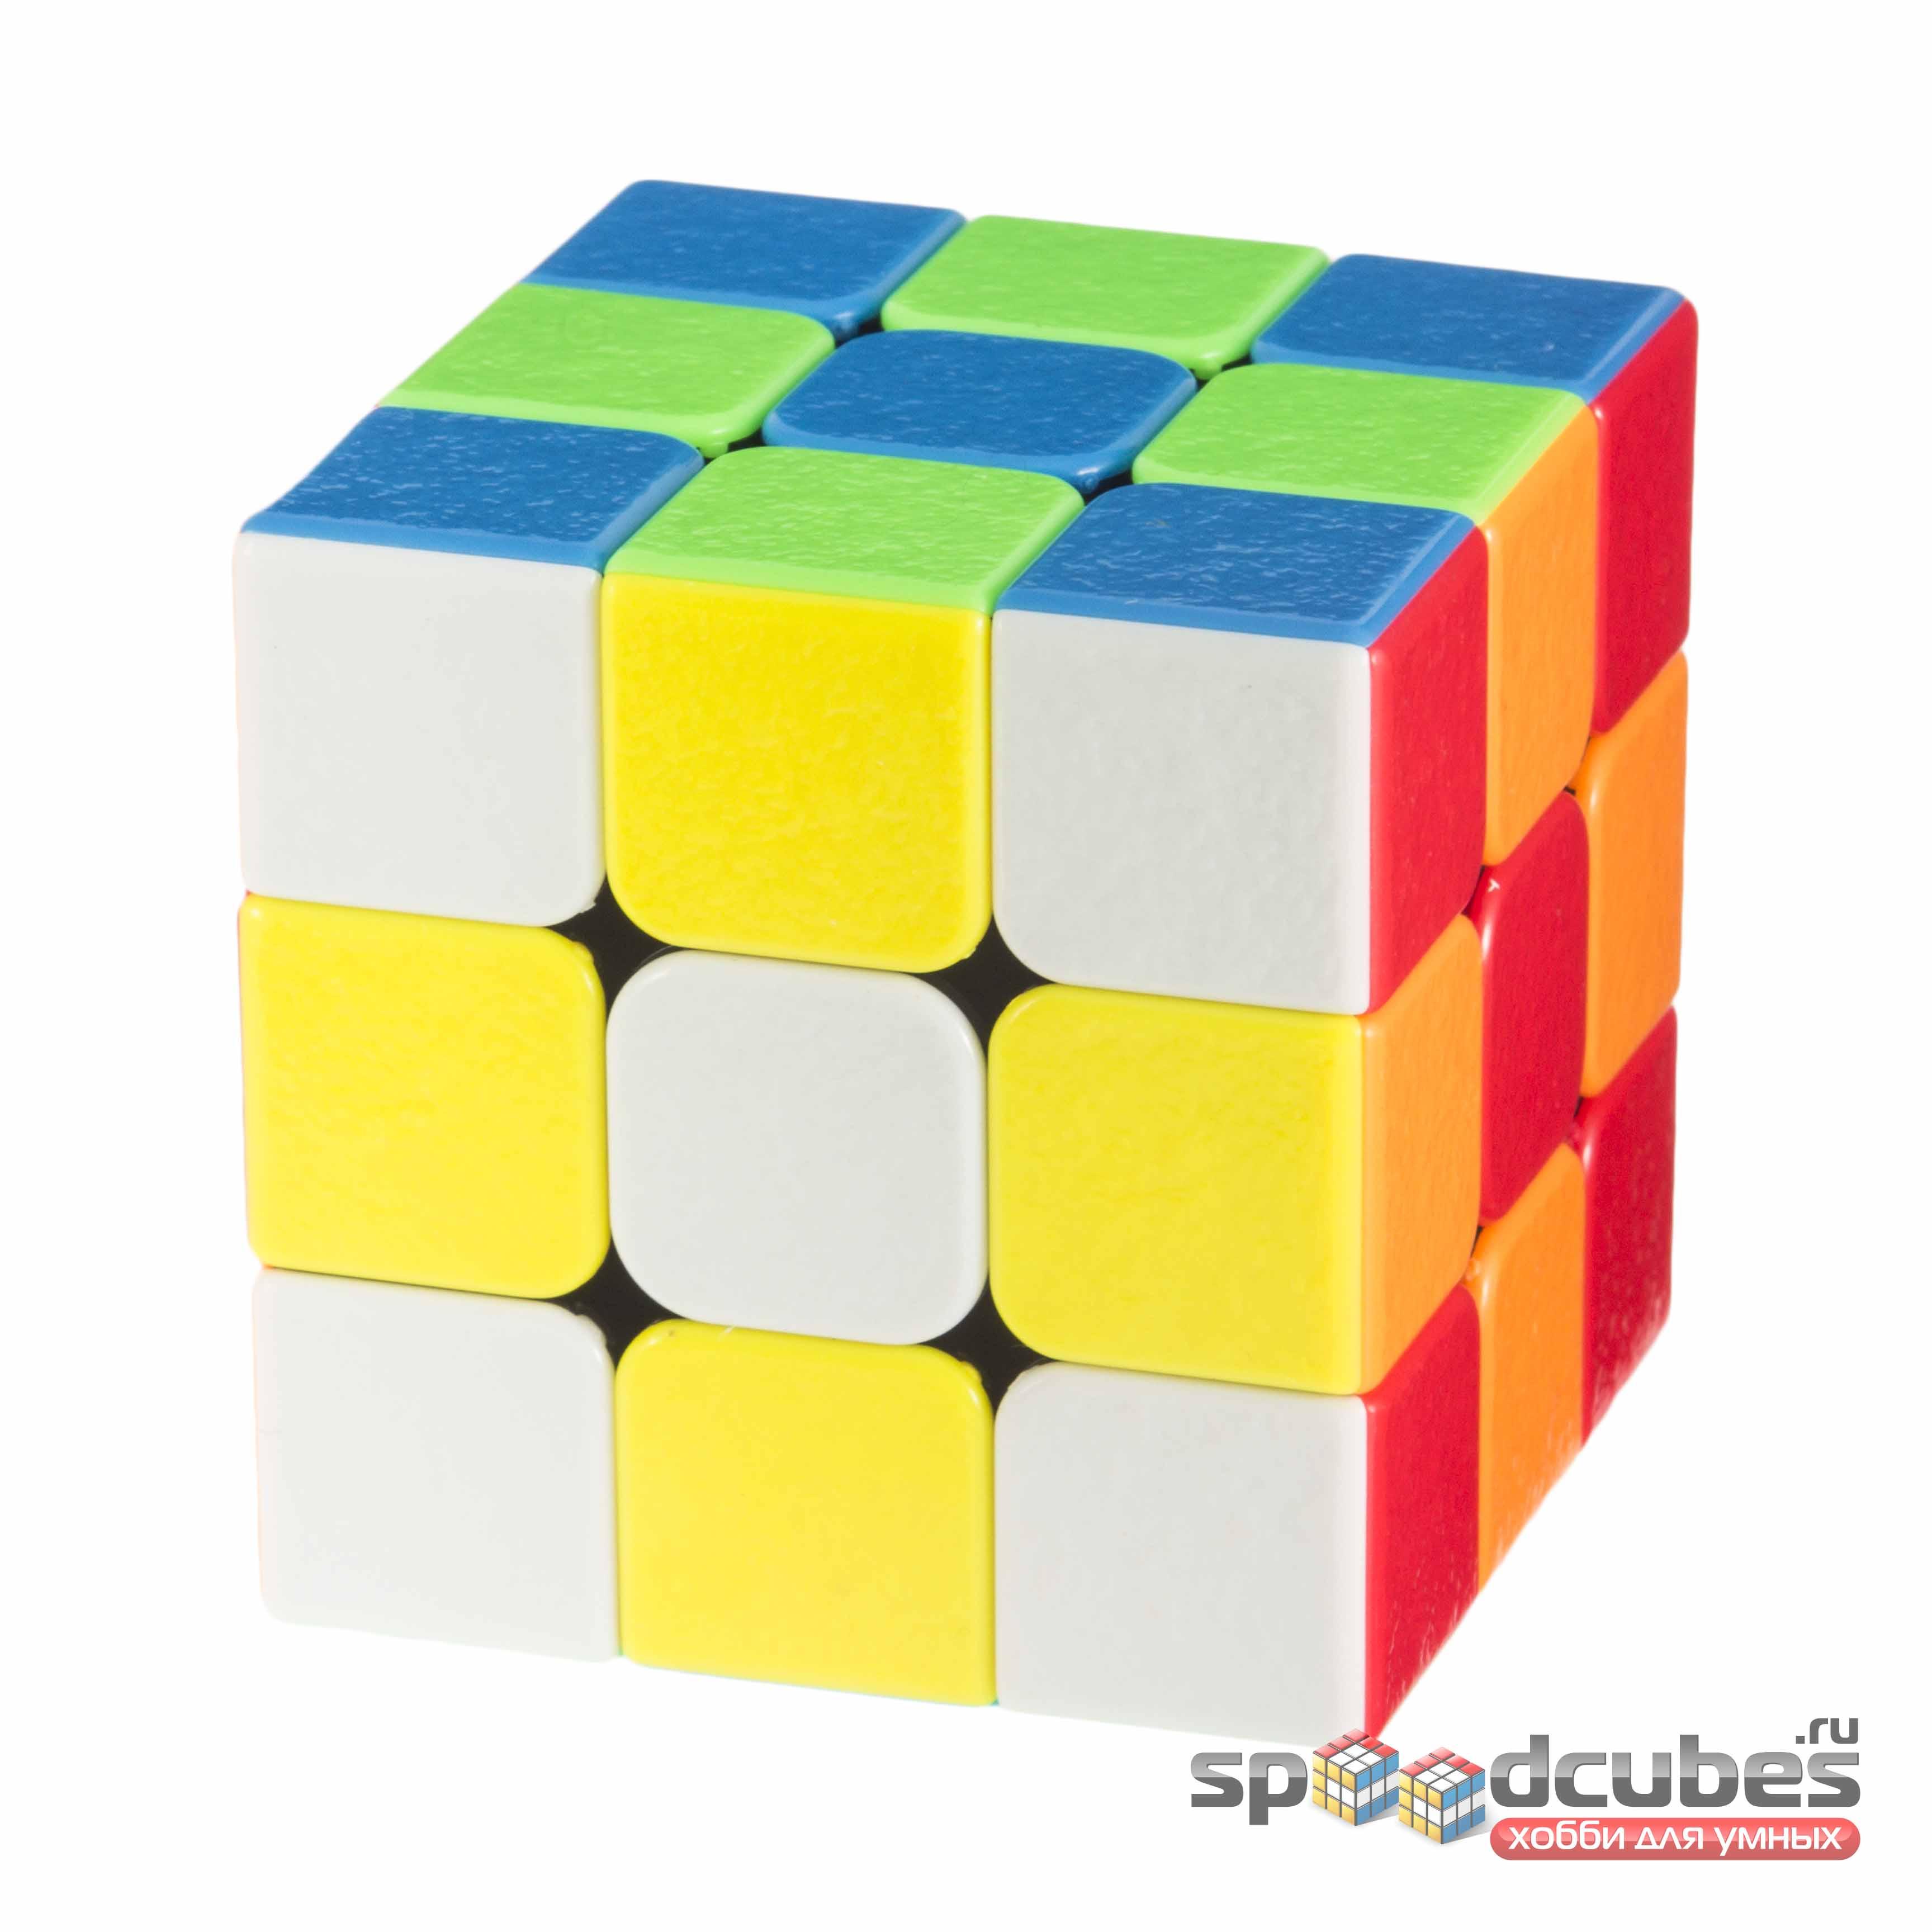 Shengshou 3x3x3 Gem Color 3